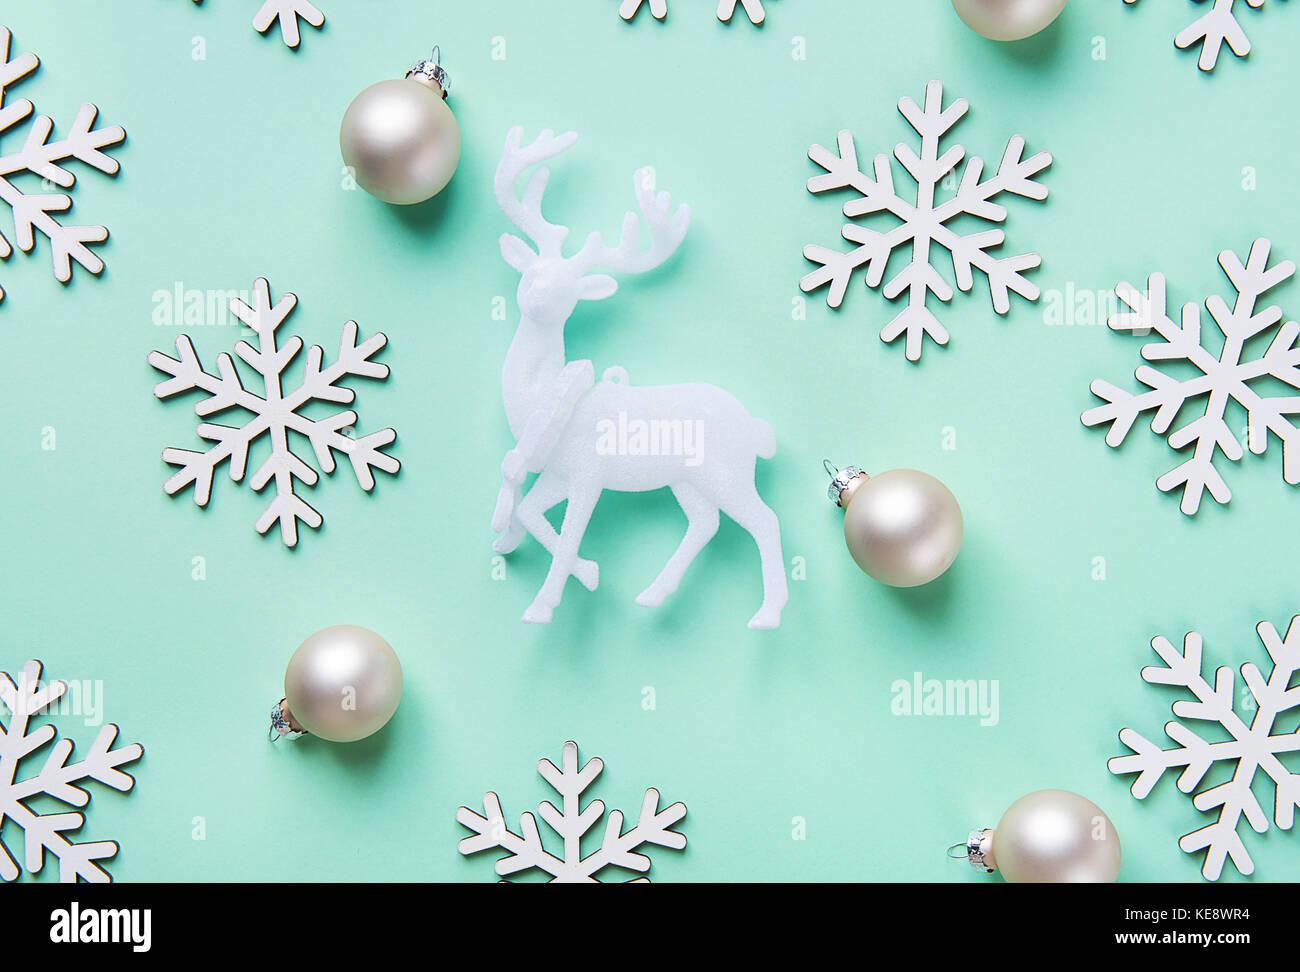 Nouvel an noël élégant affiche Carte de voeux renne blanc flocons de neige modèle boules turquoise Photo Stock